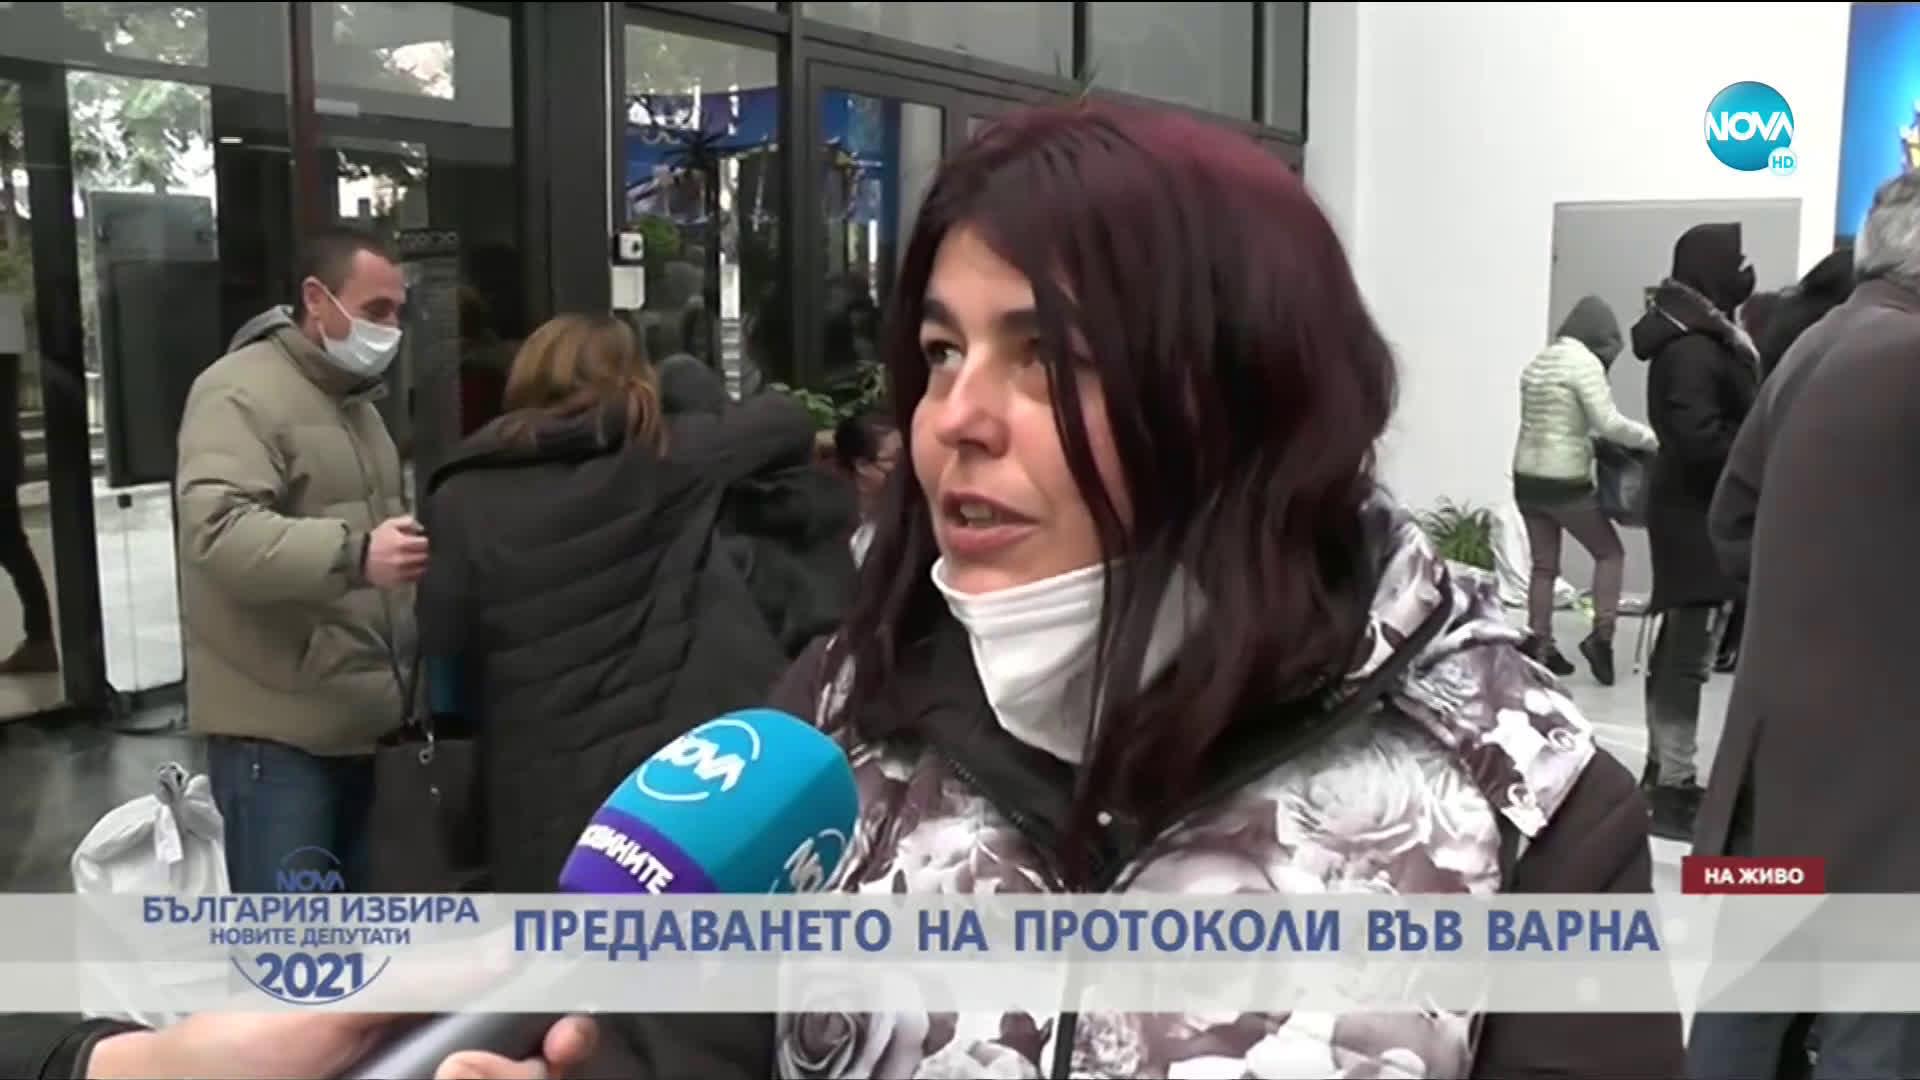 Хаос с обработката на протоколи във Варна